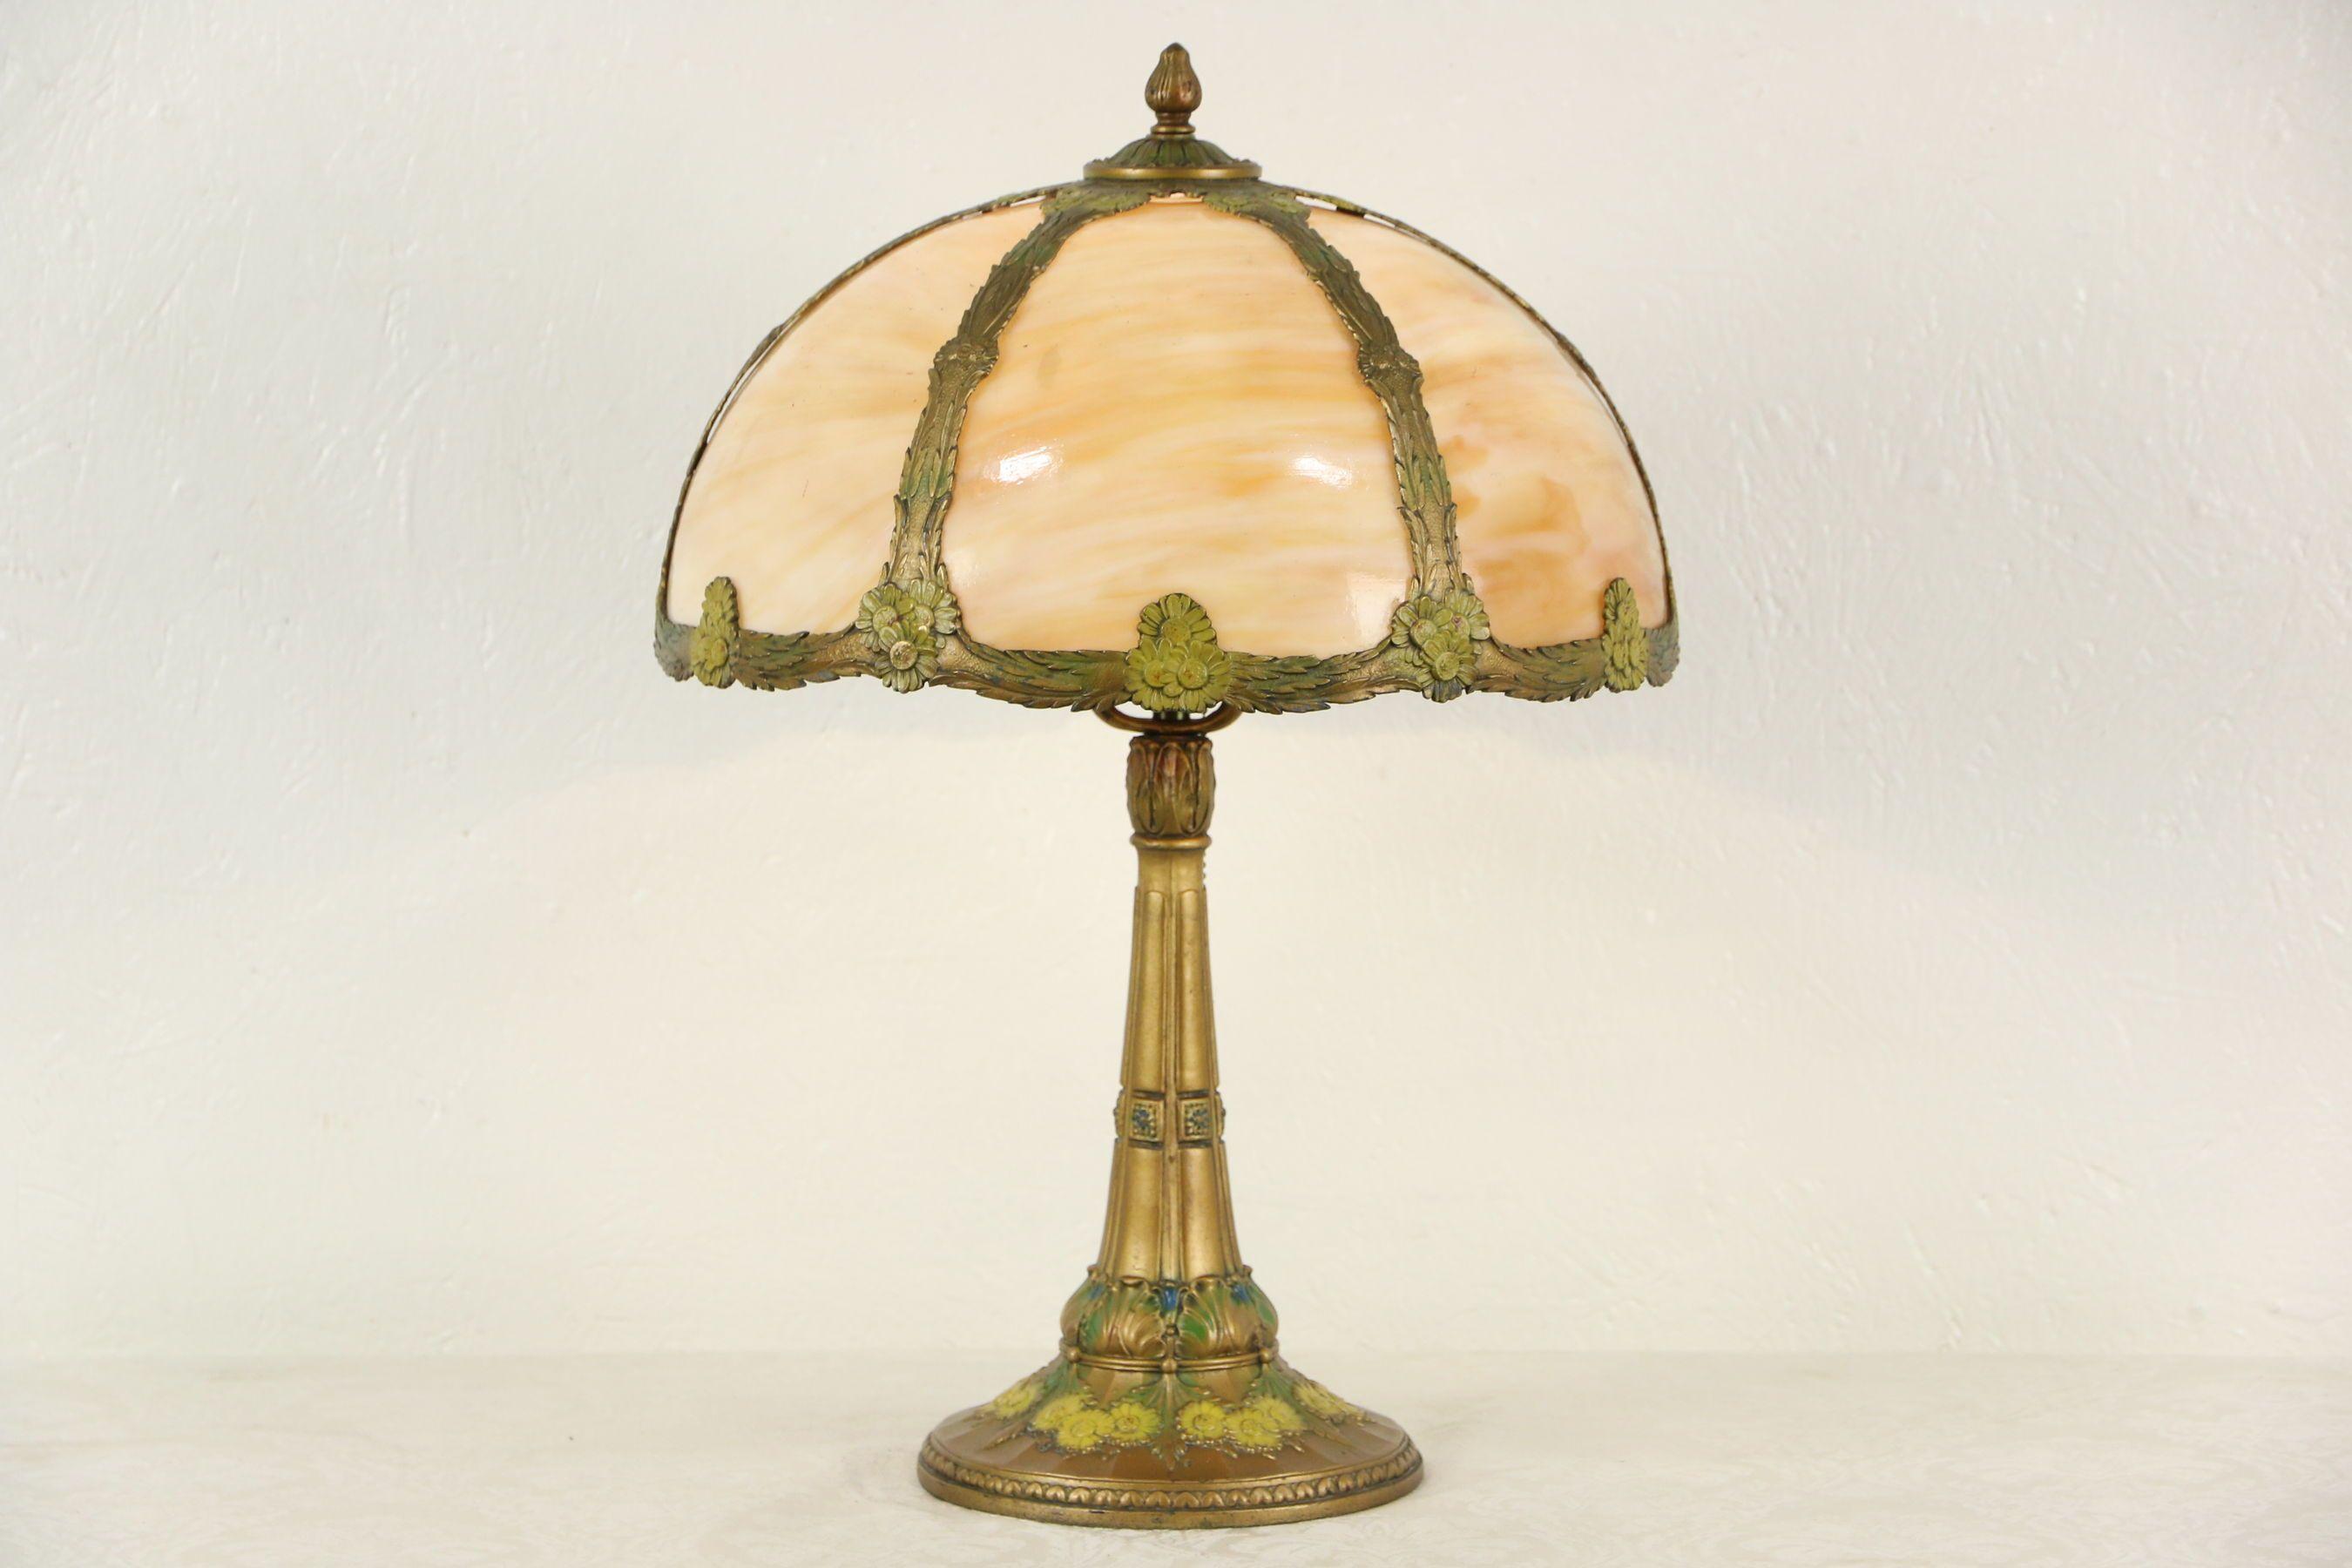 Hurrikan Lampenschirm Antike Lampen In Der Nahe Von Mir Schwarz